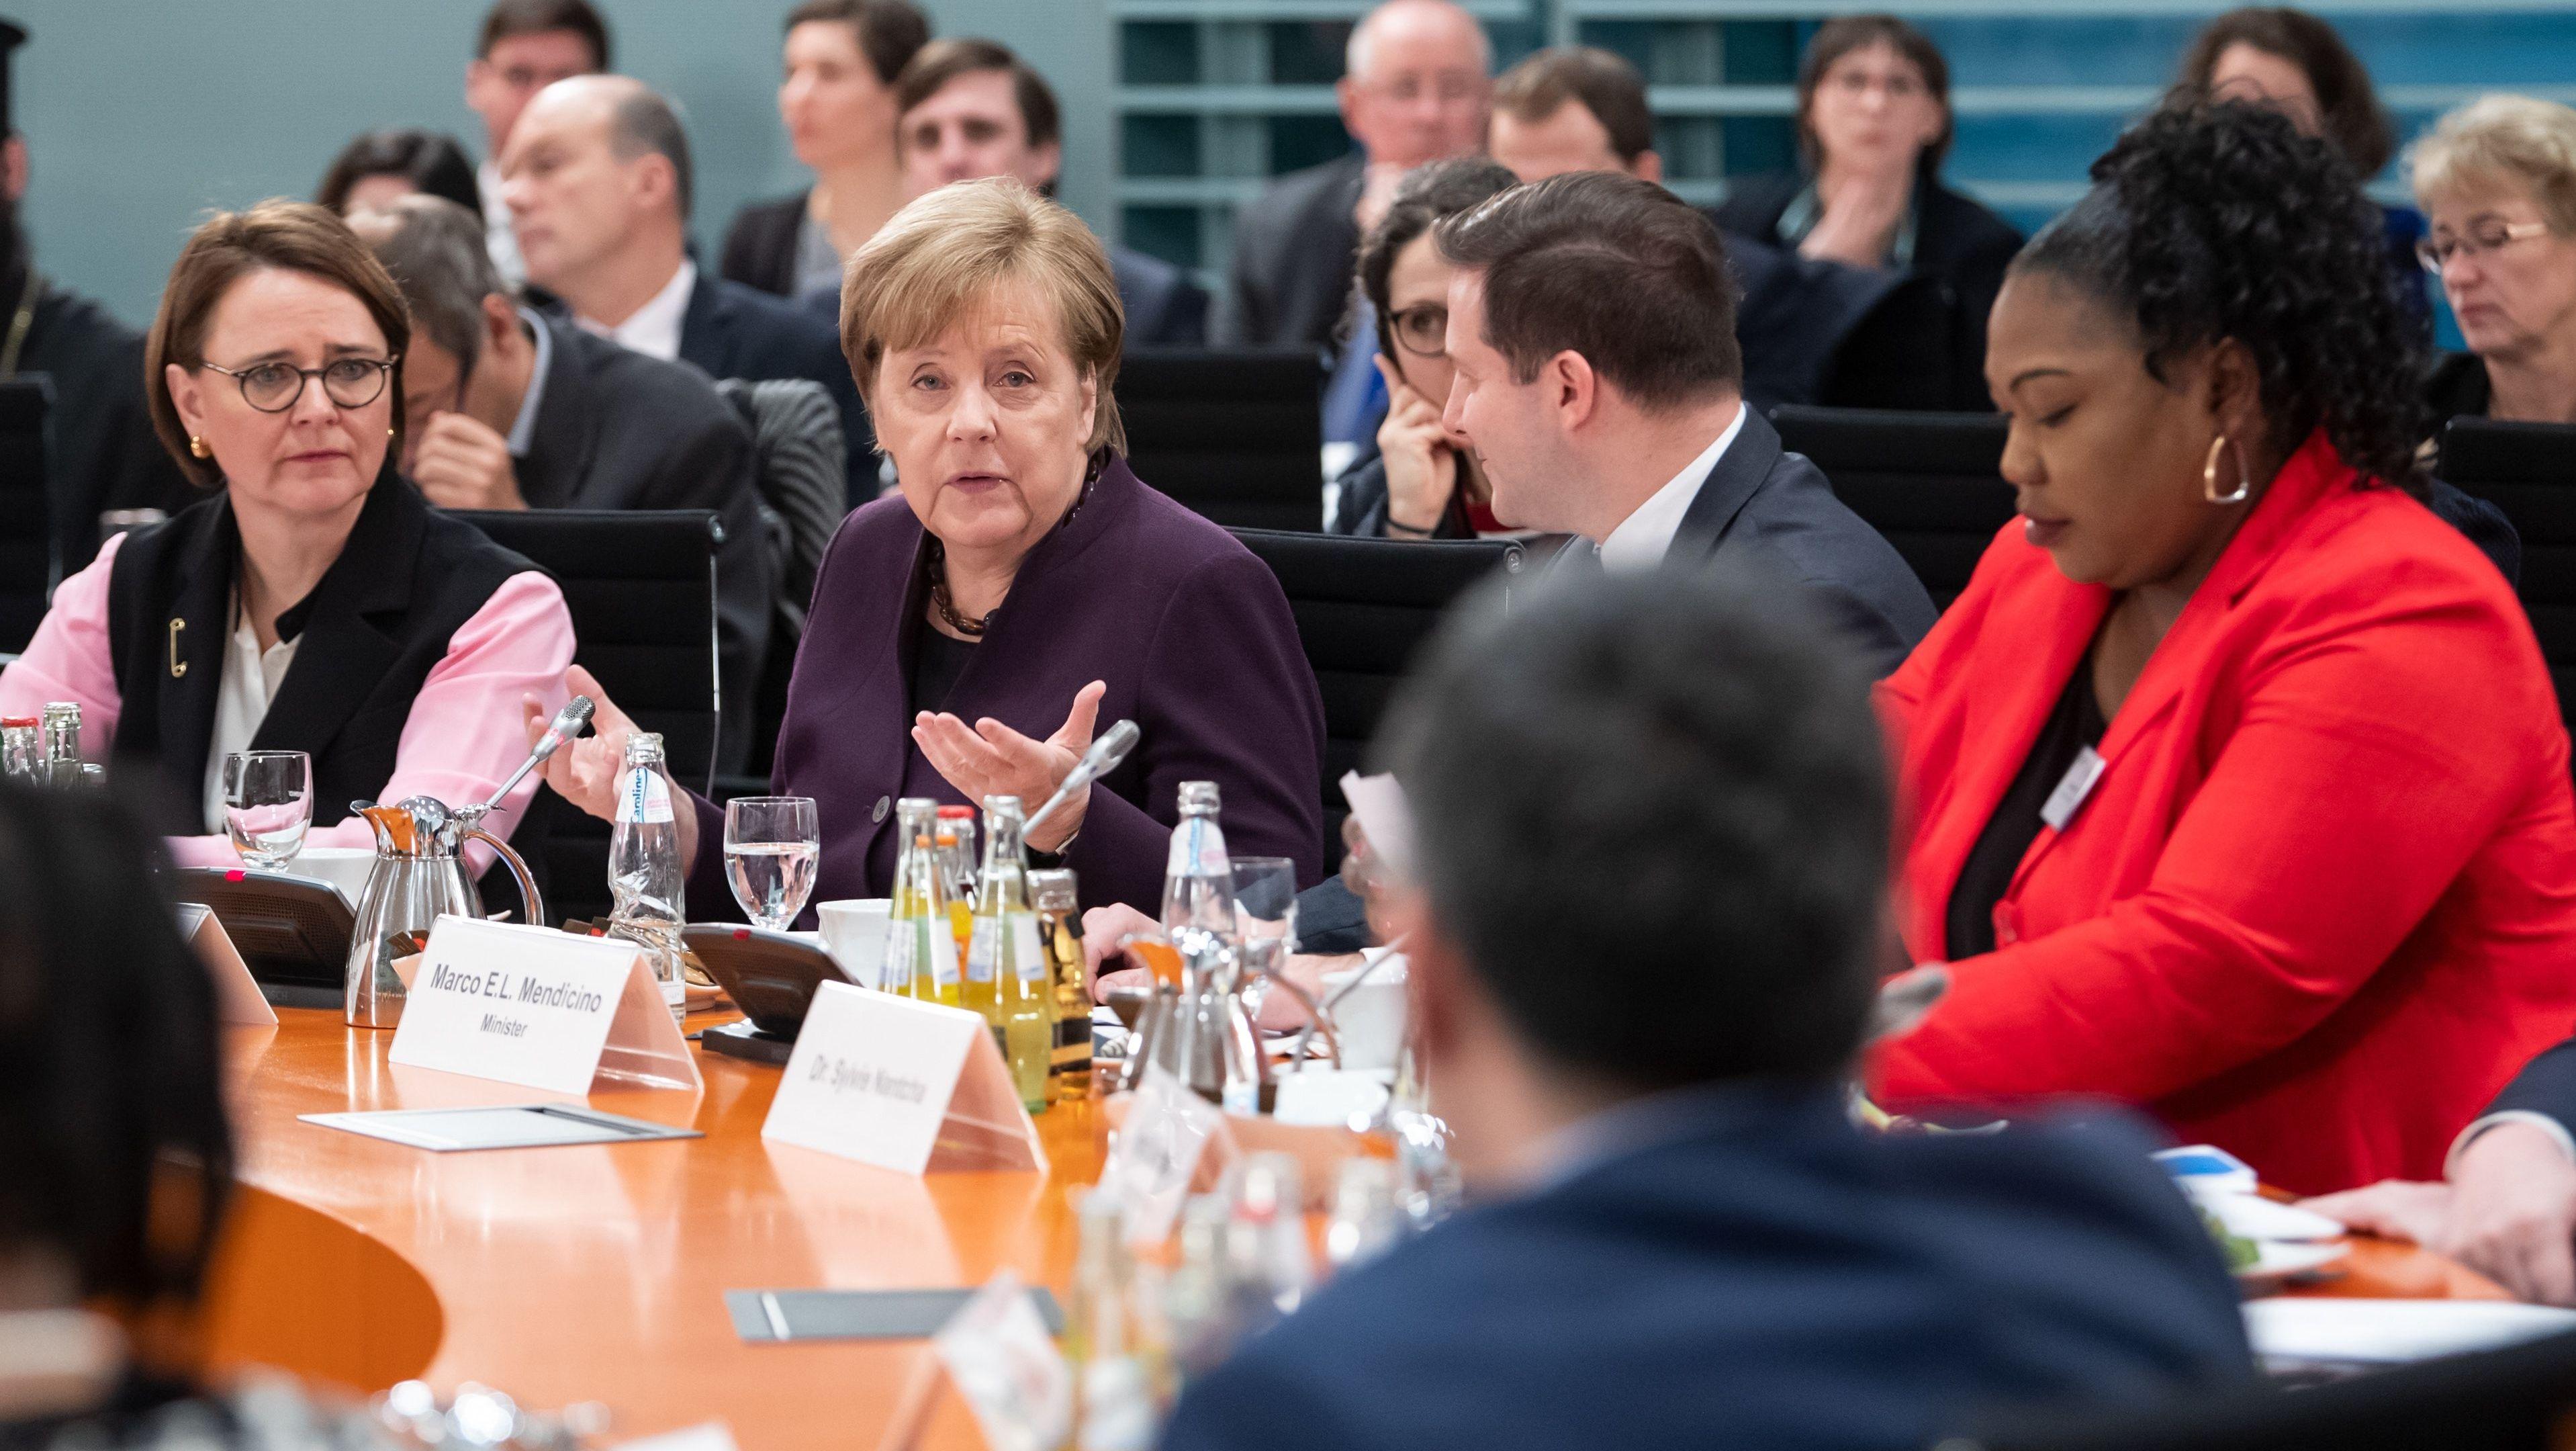 Bundeskanzlerin Angela Merkel (M, CDU) begrüßt zu Beginn des 11. Integrationsgipfels im Bundeskanzleramt die Teilnehmer